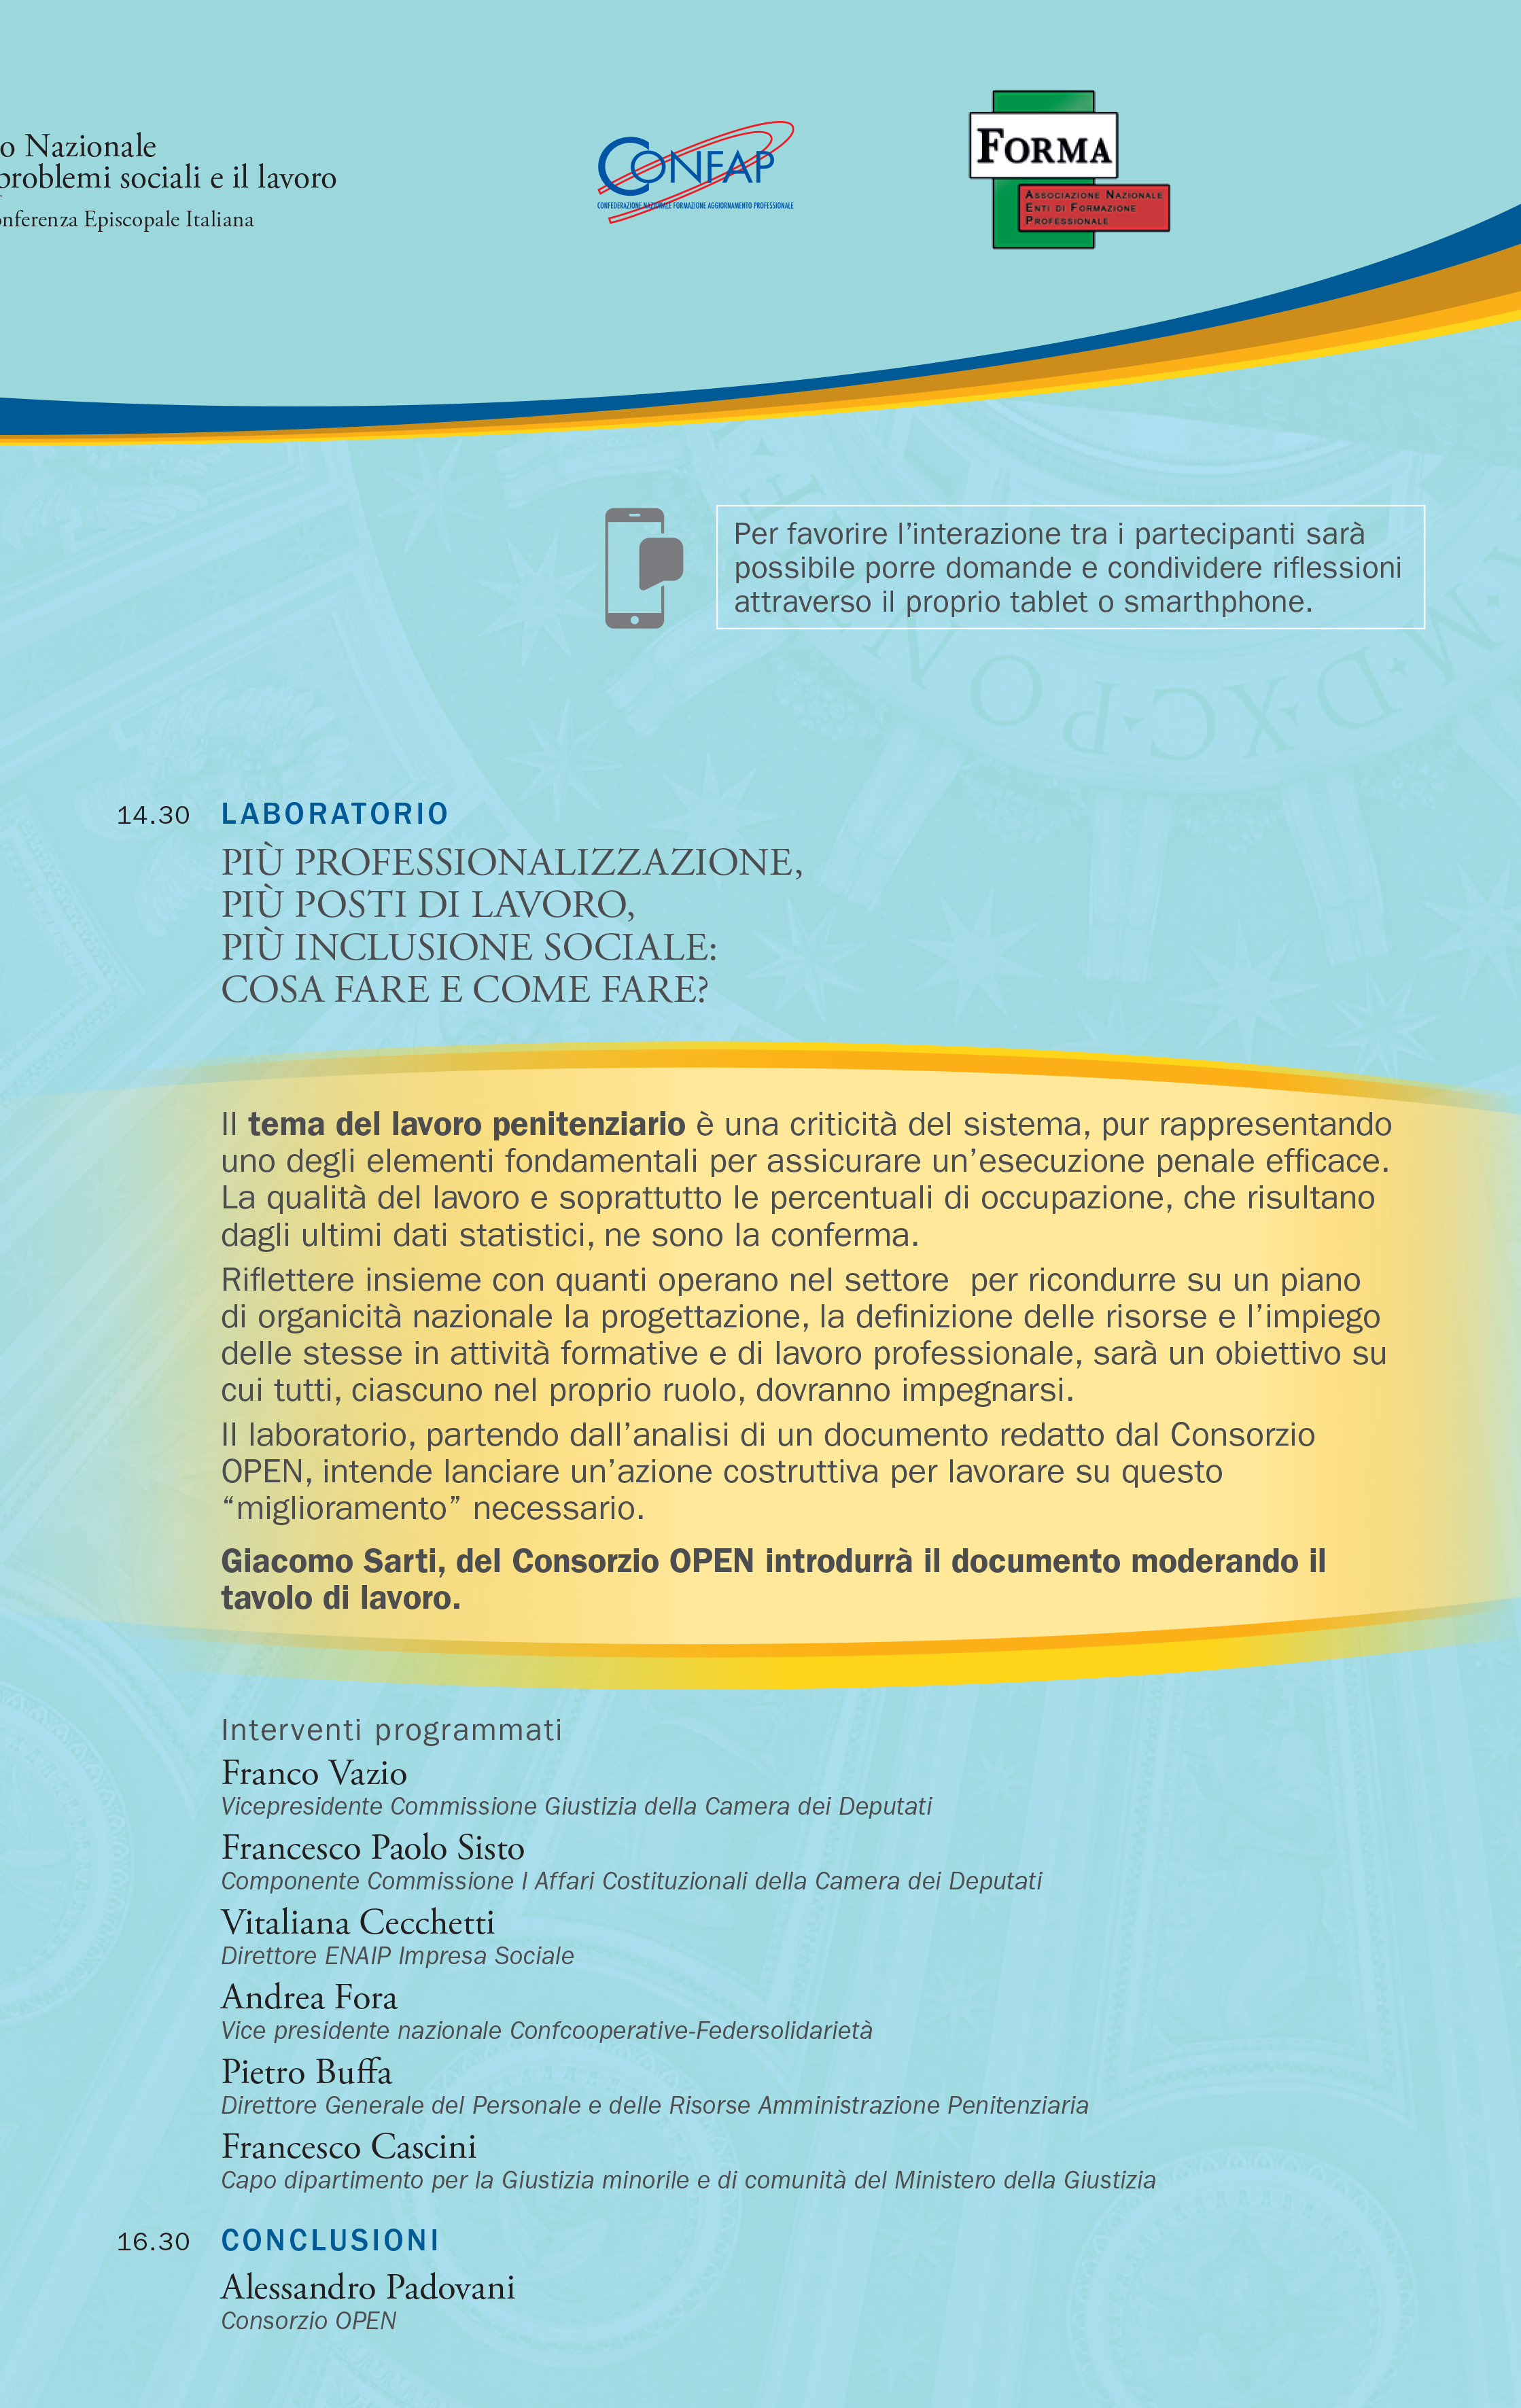 04_giubilieo-open-roma-nov11-1